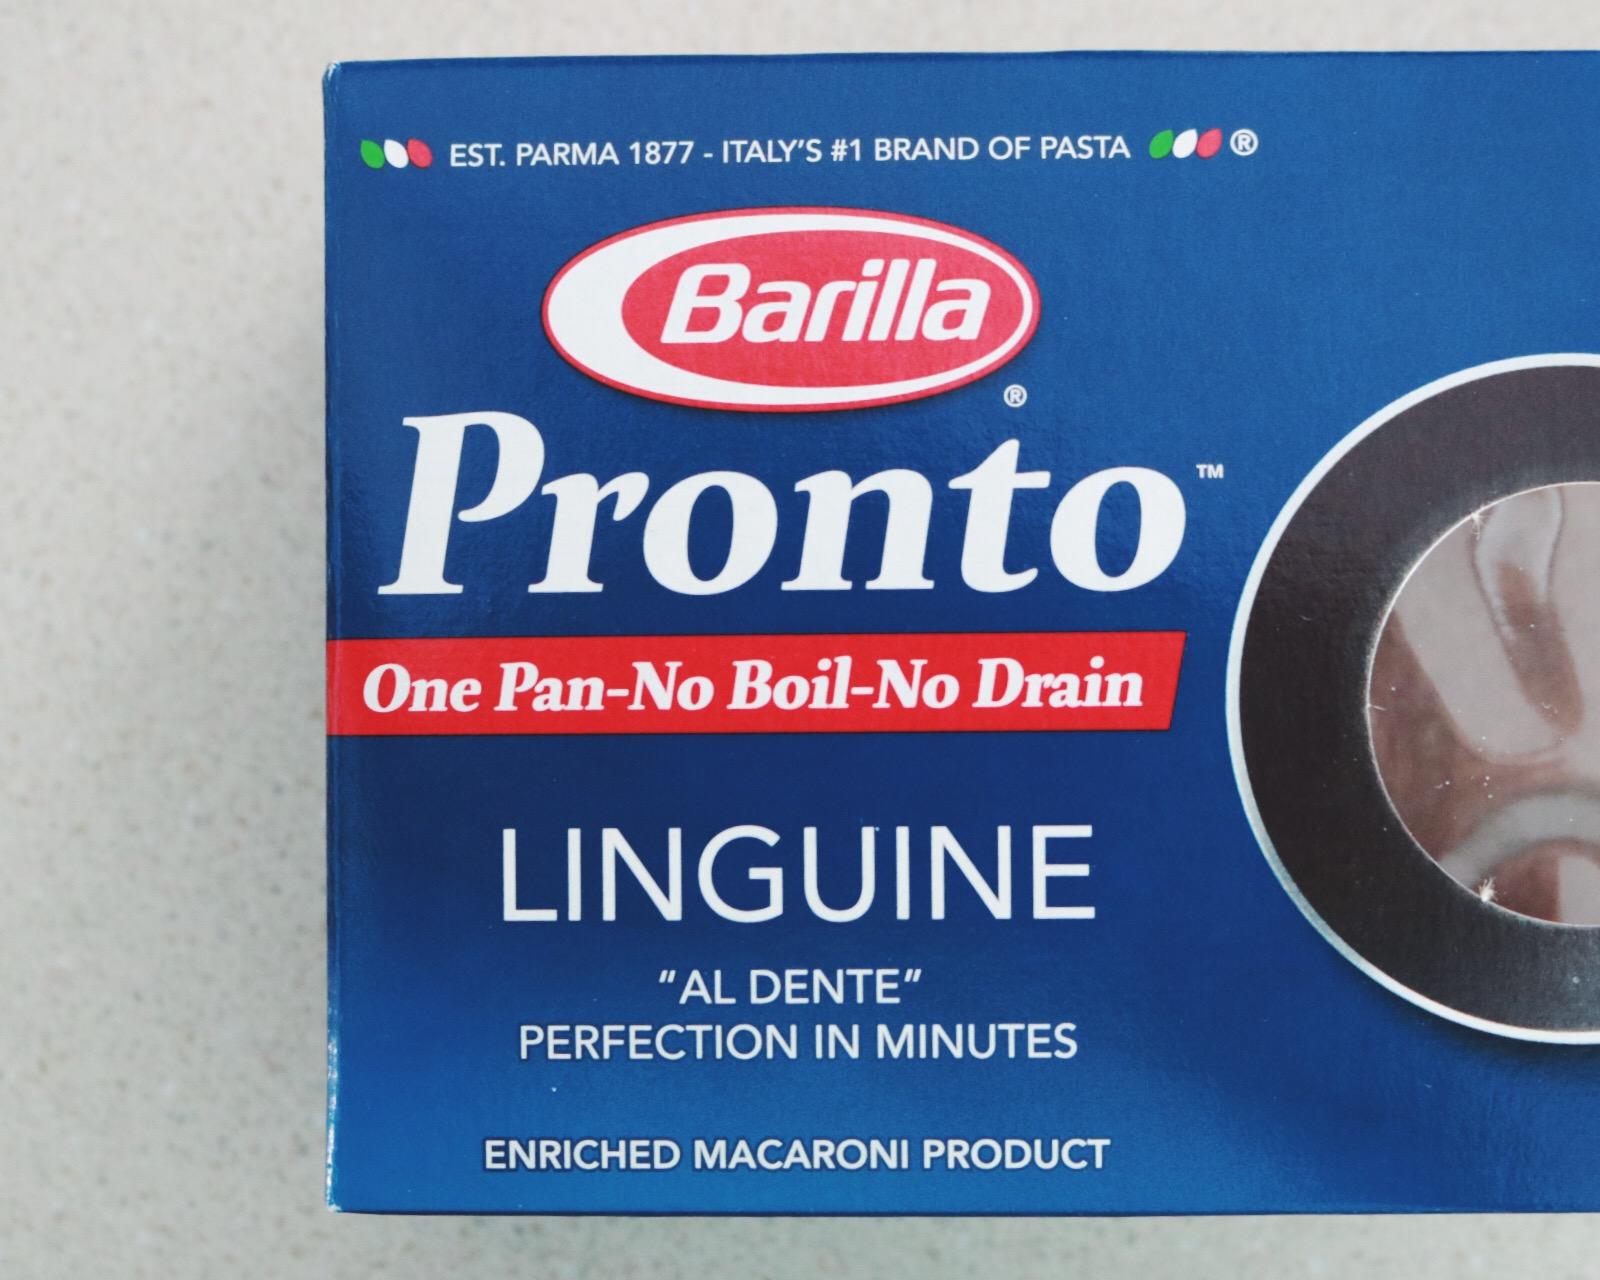 Linguine Pasta Box | www.pixshark.com - Images Galleries ...